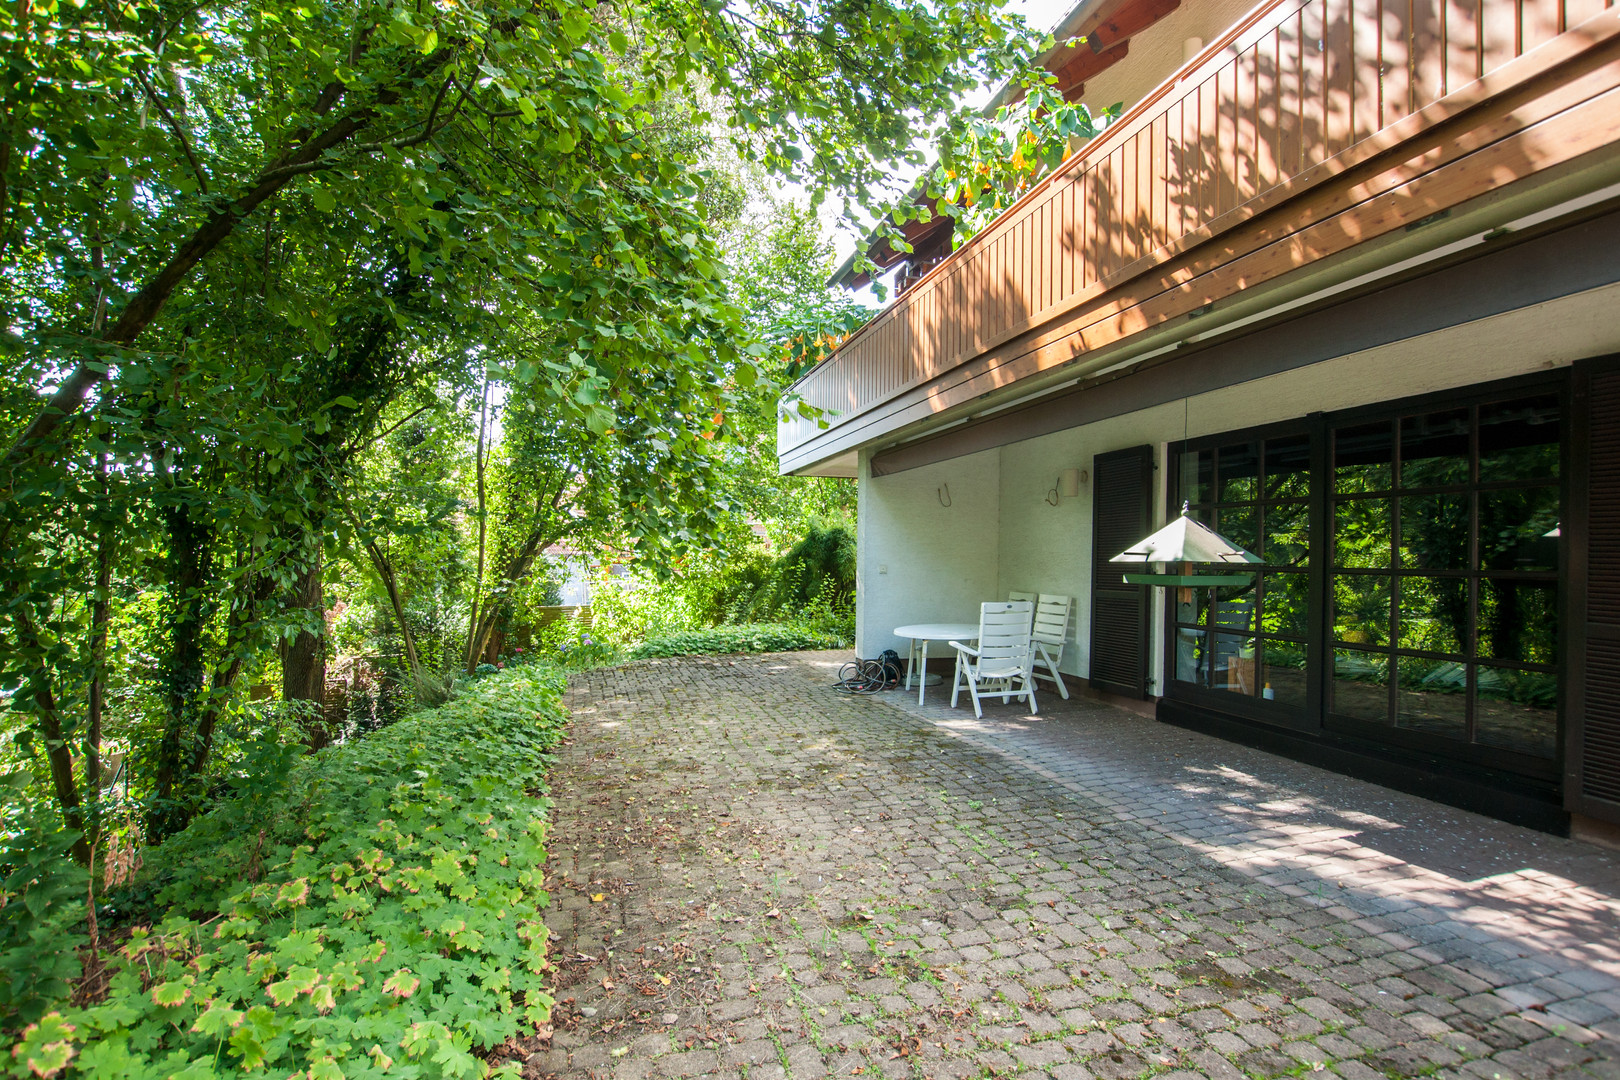 Terrasse im Untergeschoss mit Gartenzugang